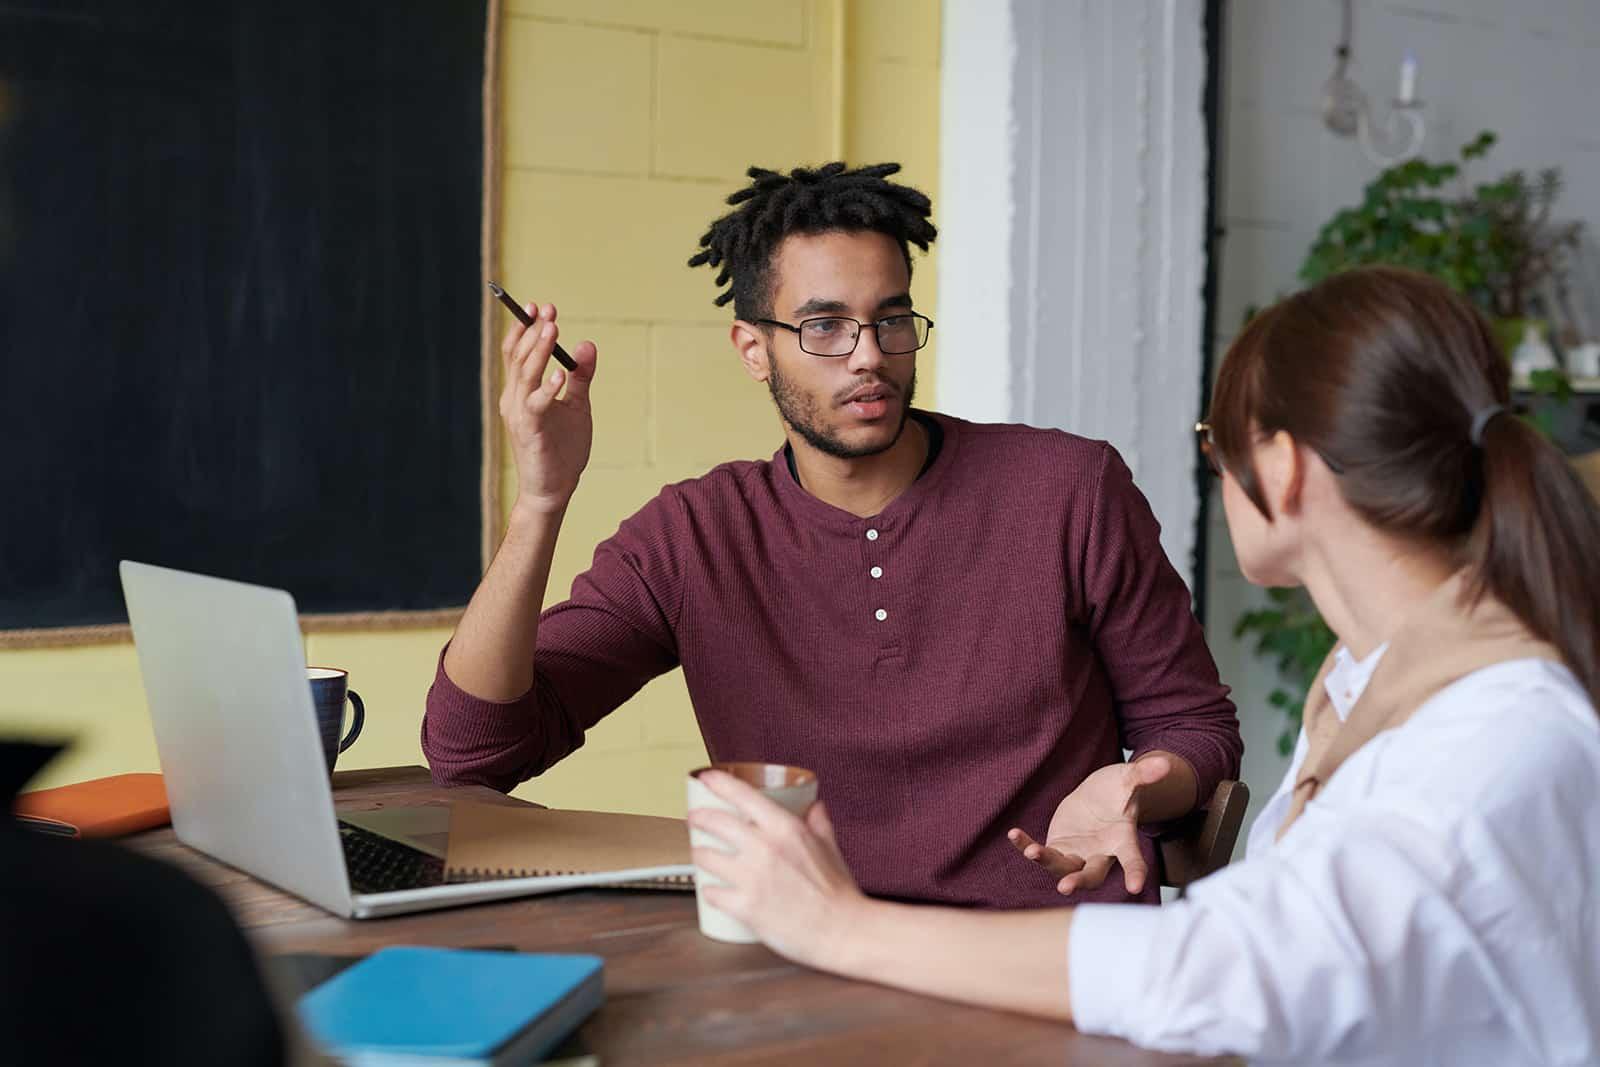 Ein Mann hält einen Stift und spricht mit einer Kollegin, während er zusammenarbeitet